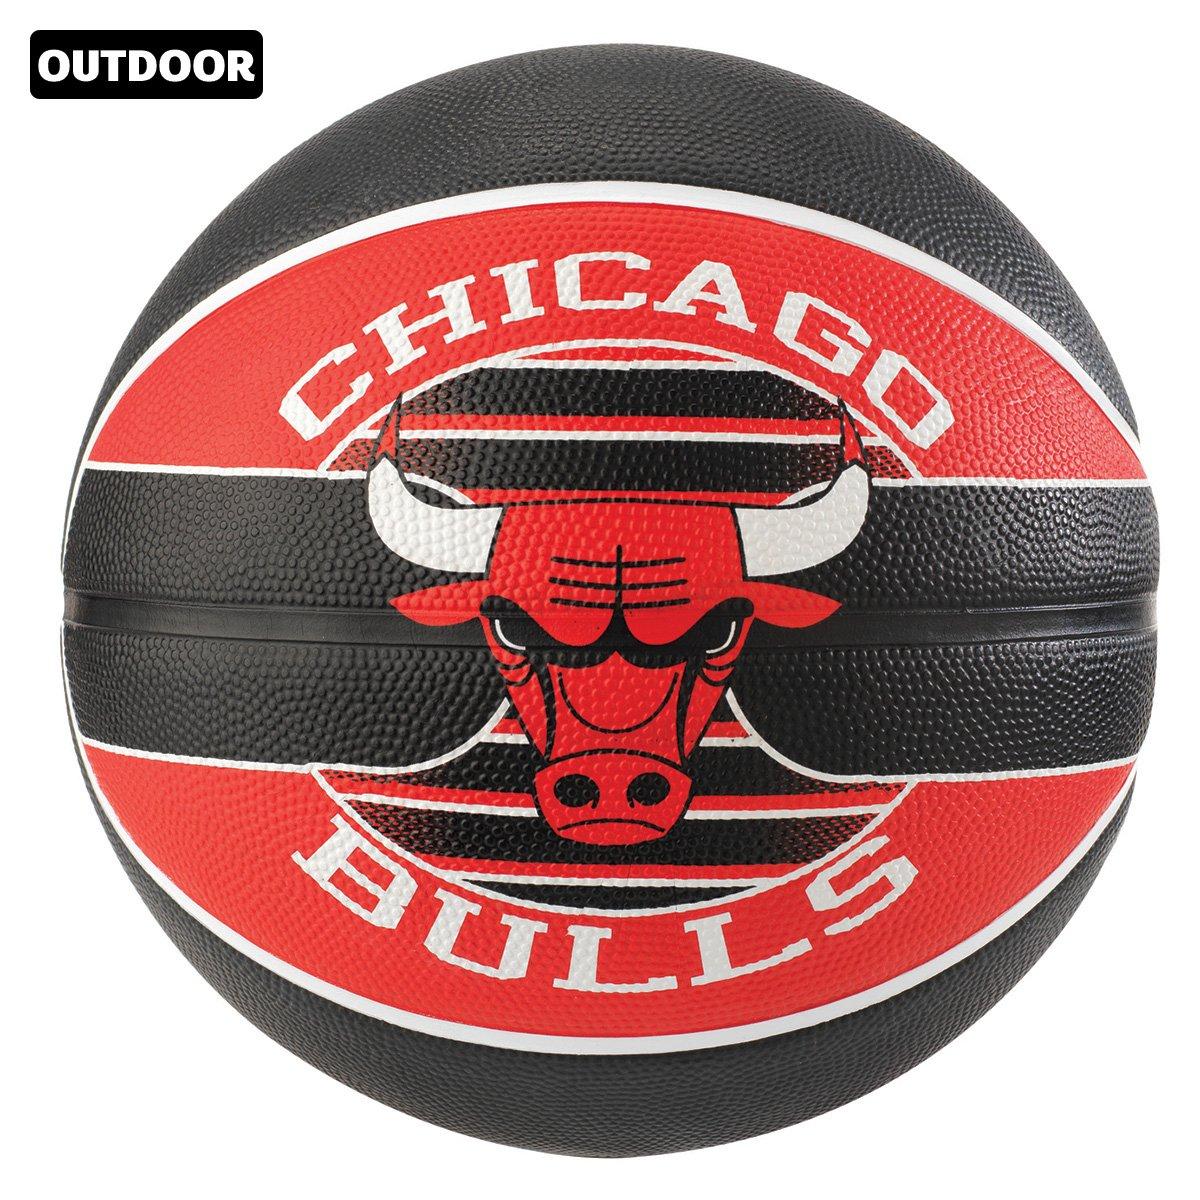 Bola de Basquete Spalding NBA Chicago Bulls Team Rubber Basketball Tam 7